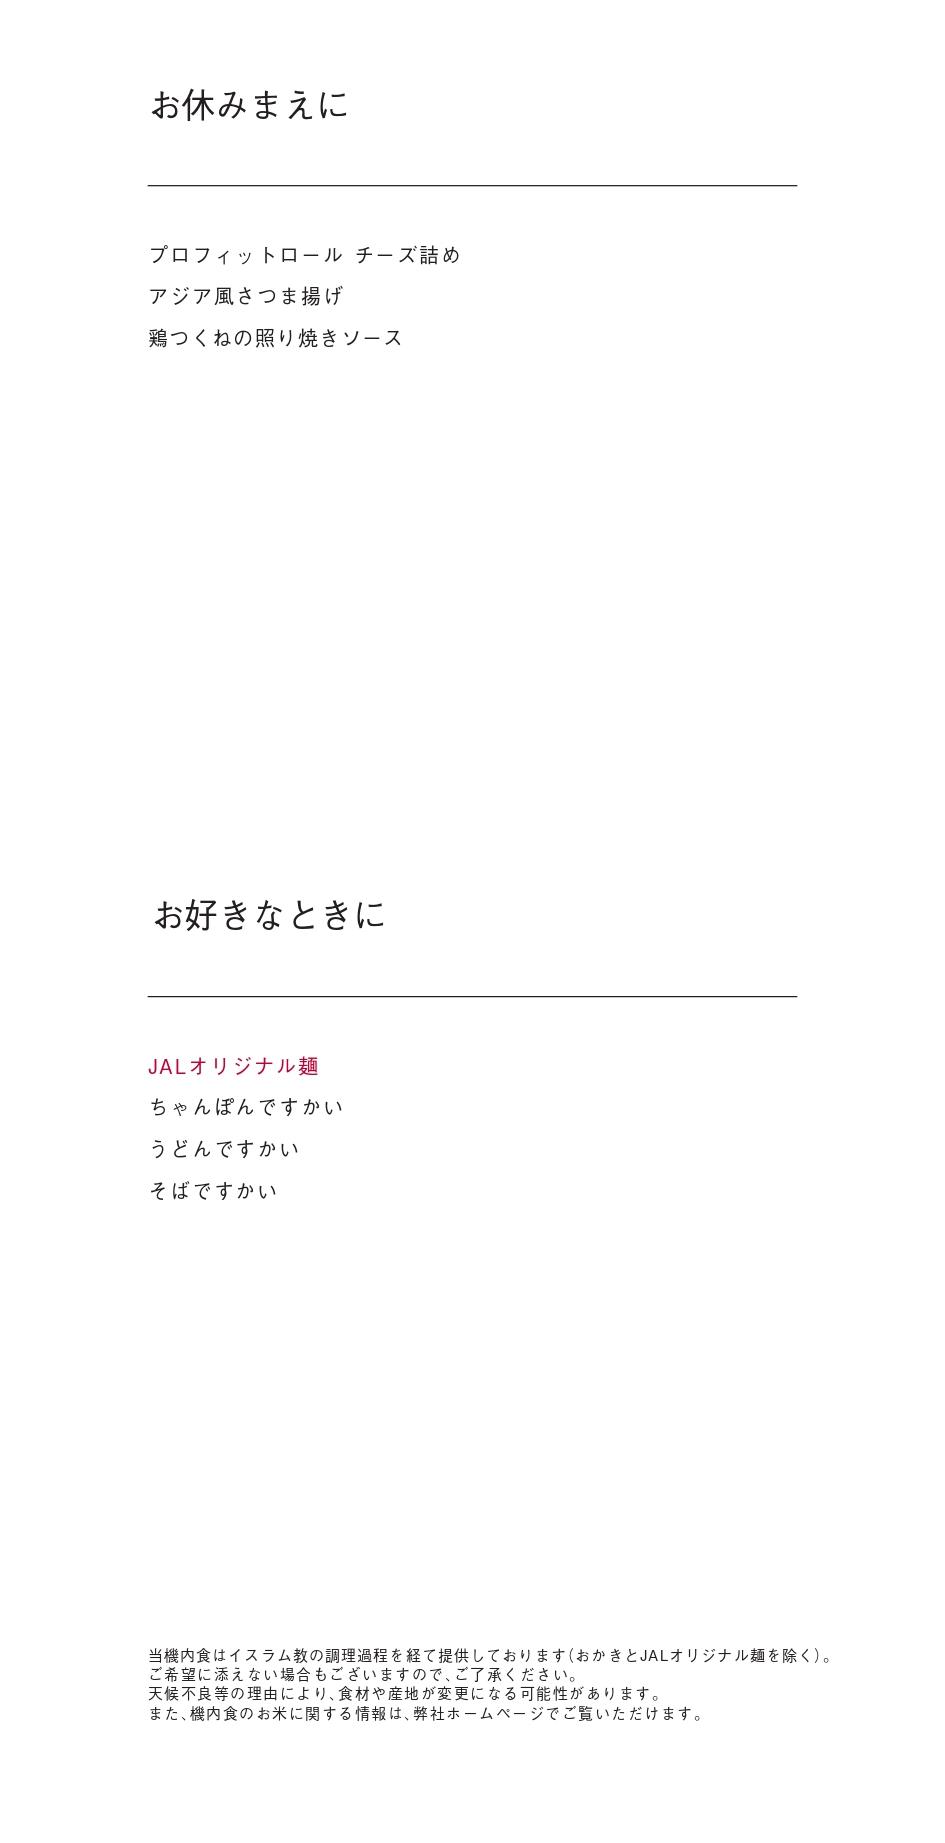 JL724 11SEP19 ビジネスクラス 機内食 クアラルンプール - 成田